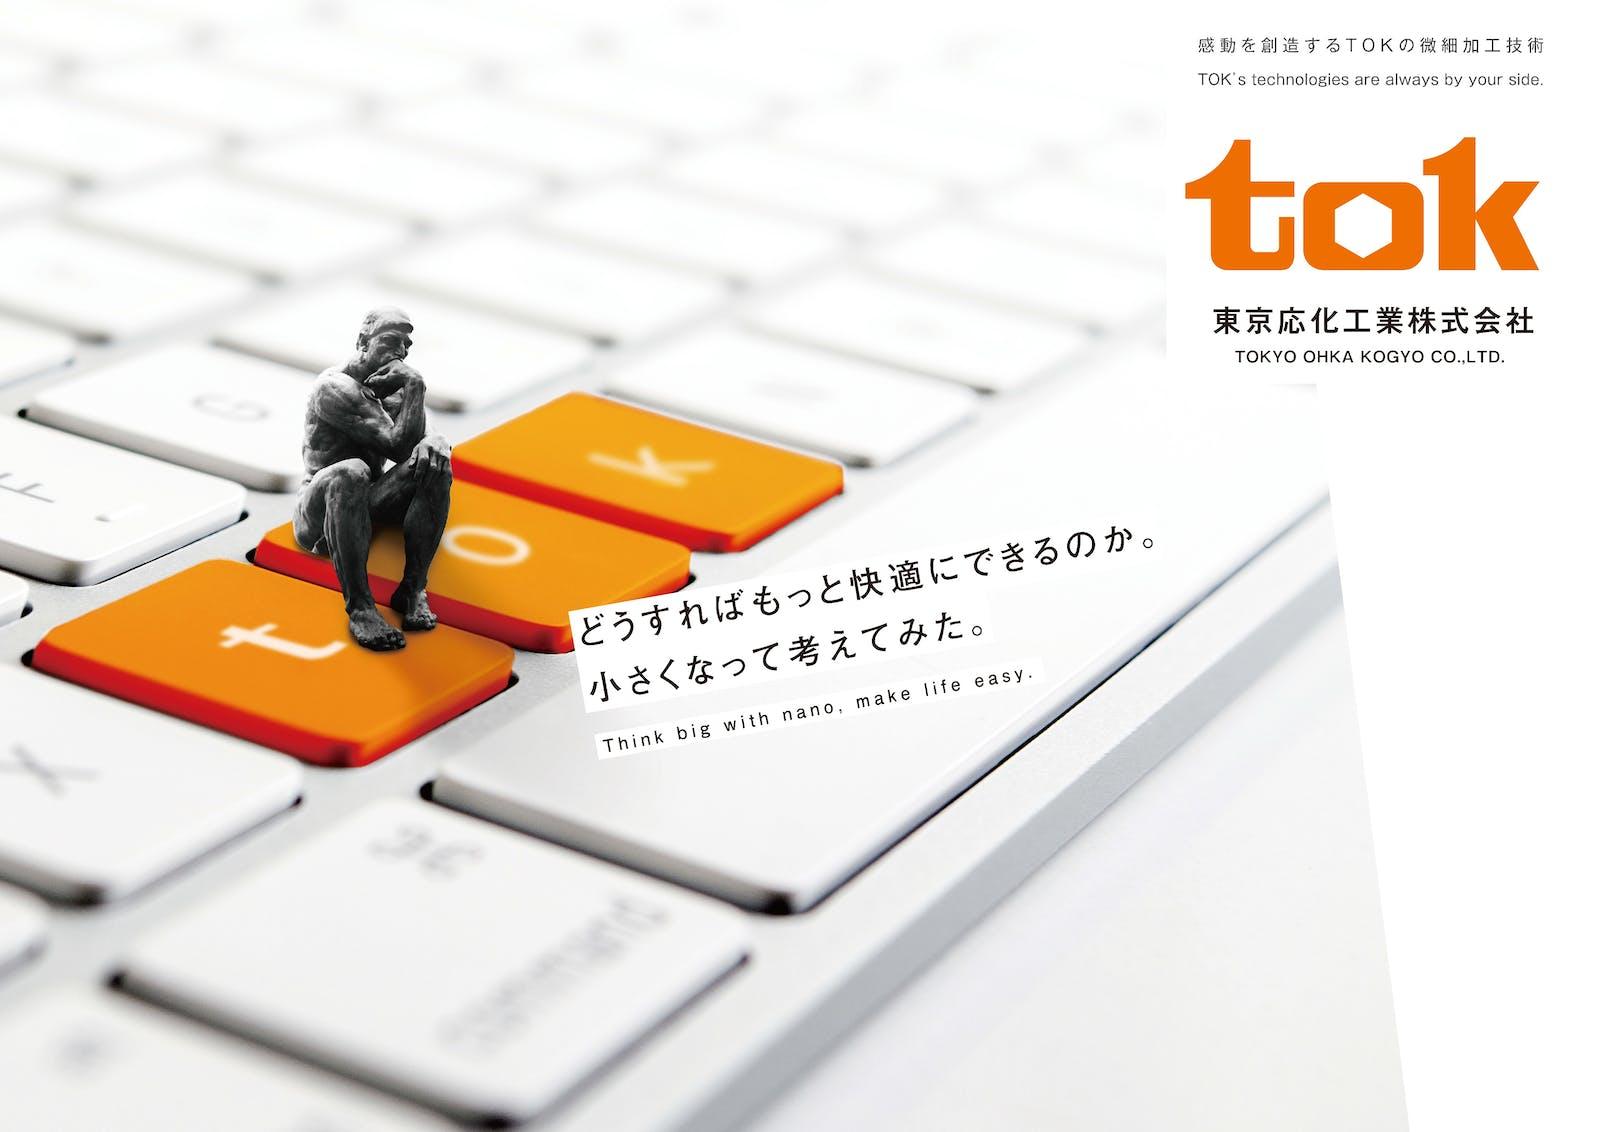 東京応化工業株式会社のアイキャッチ画像